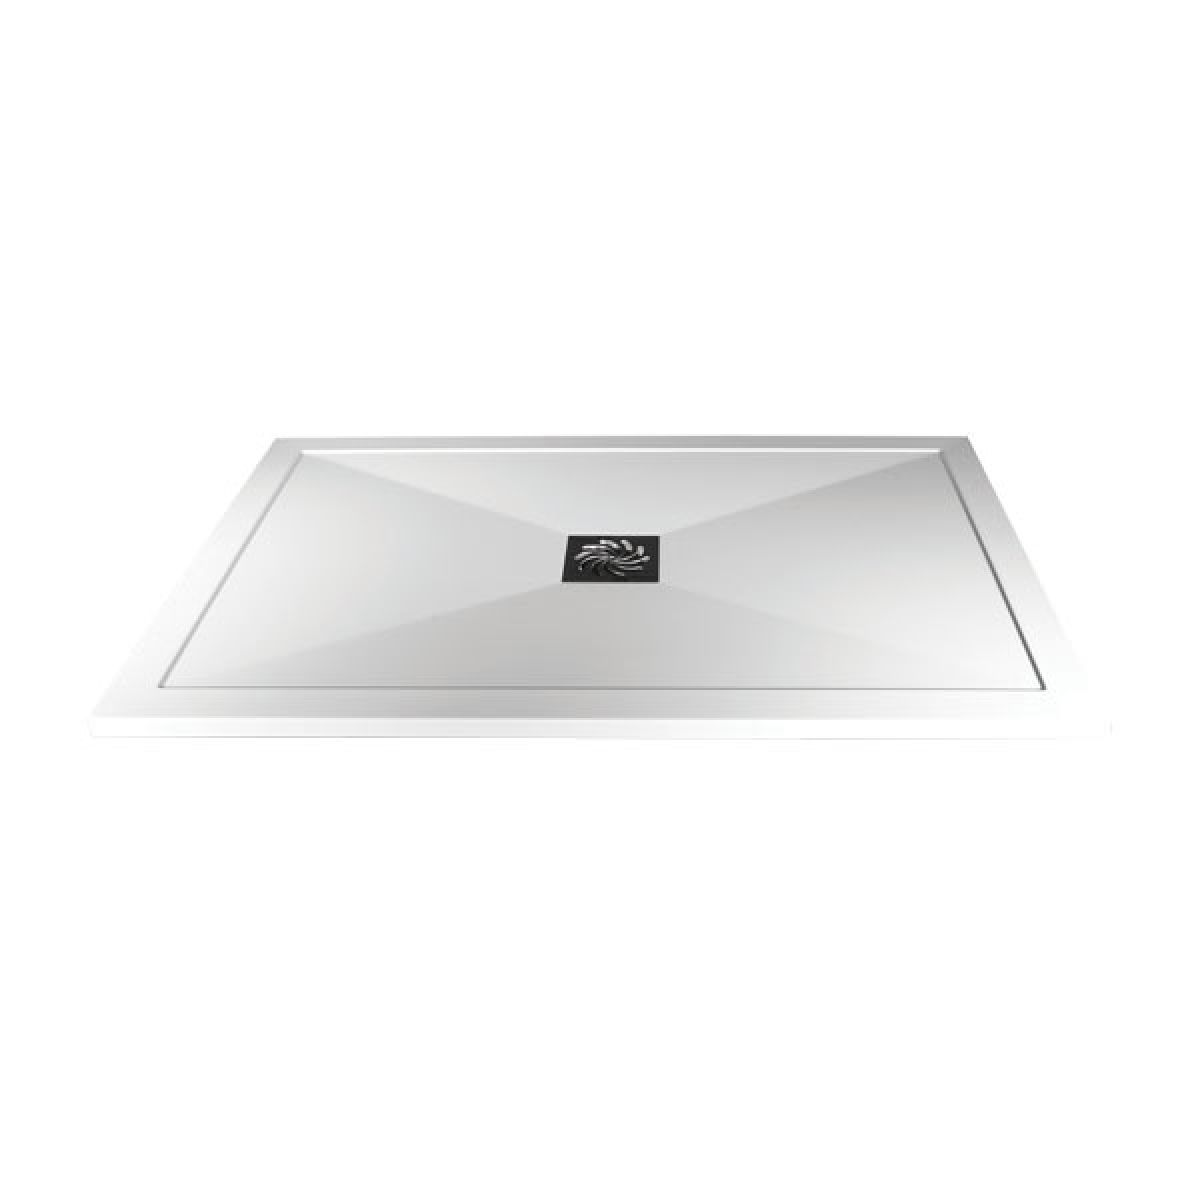 Frontline Slimline Rectangular Shower Tray 1700 x 900mm